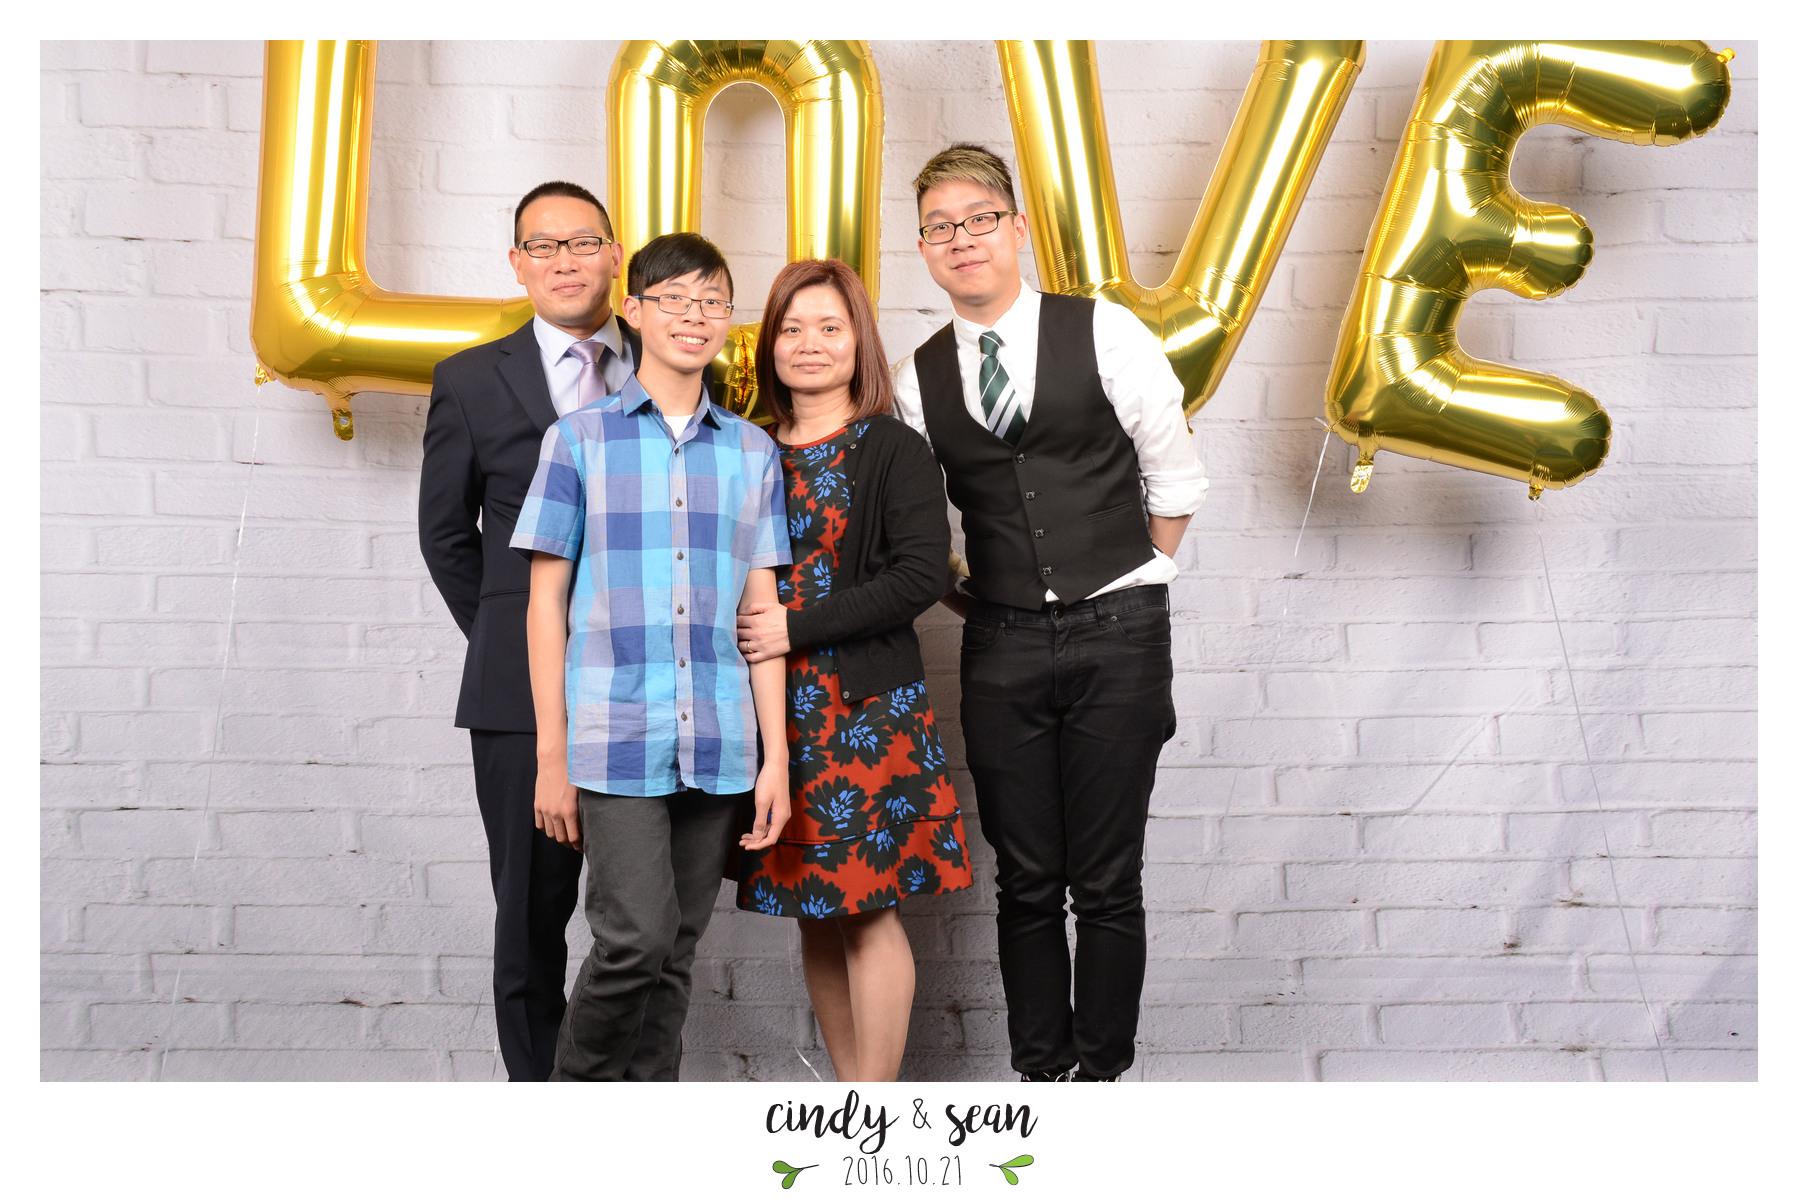 Cindy Sean Bae - 0001-38.jpg